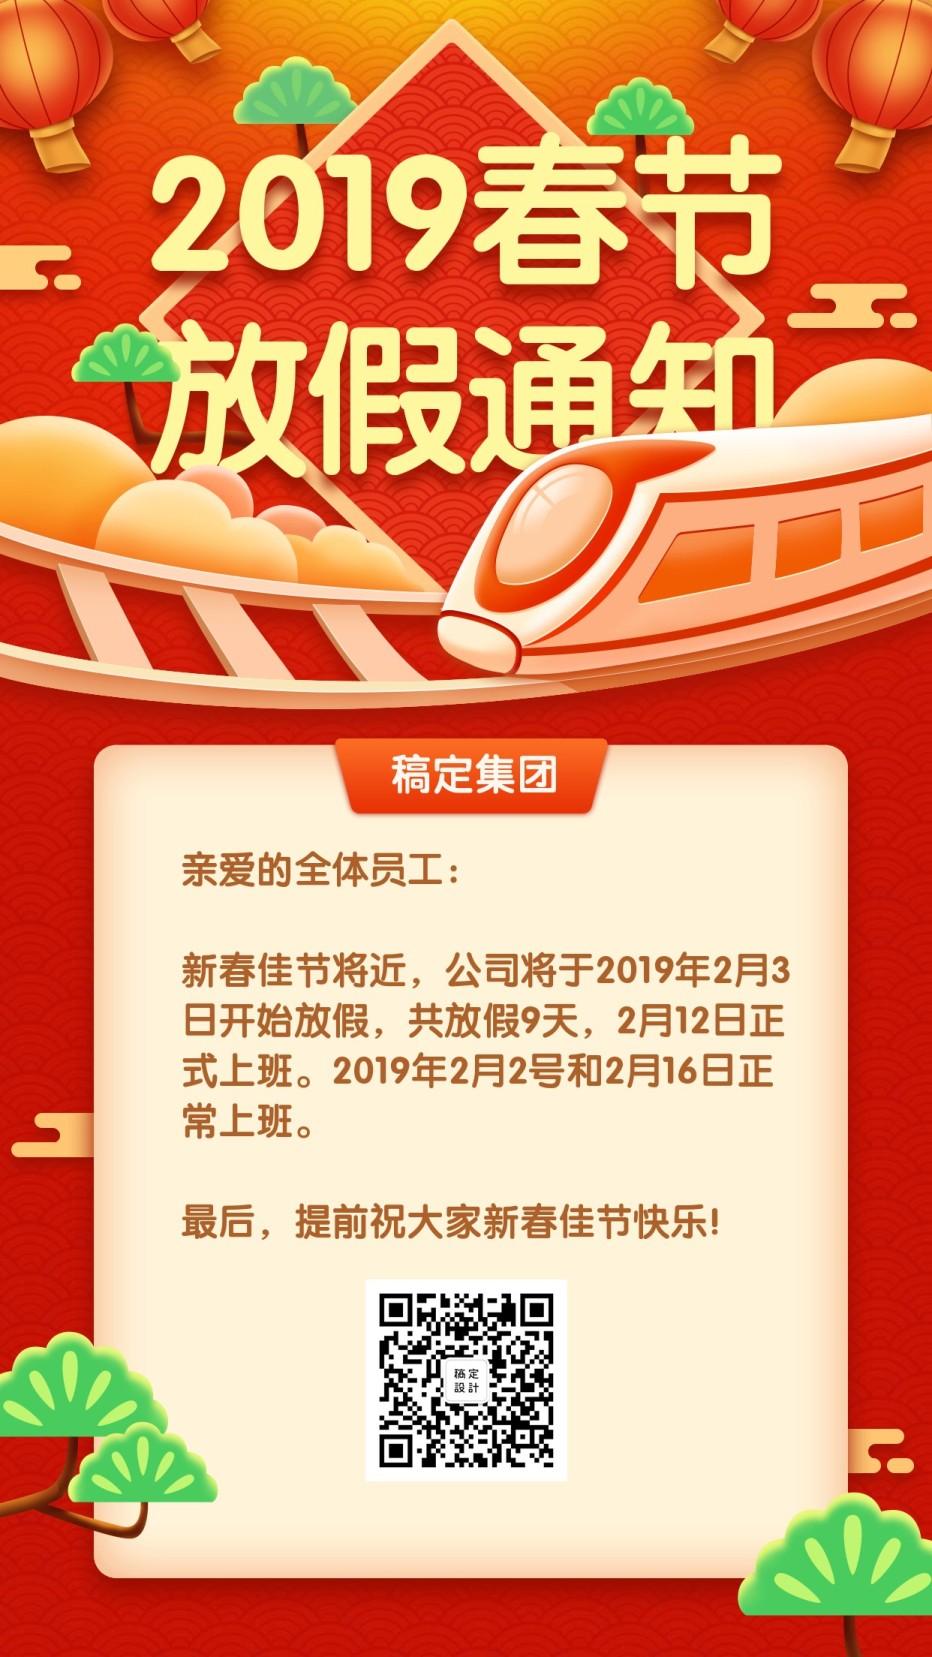 春节放假温馨提示手机海报